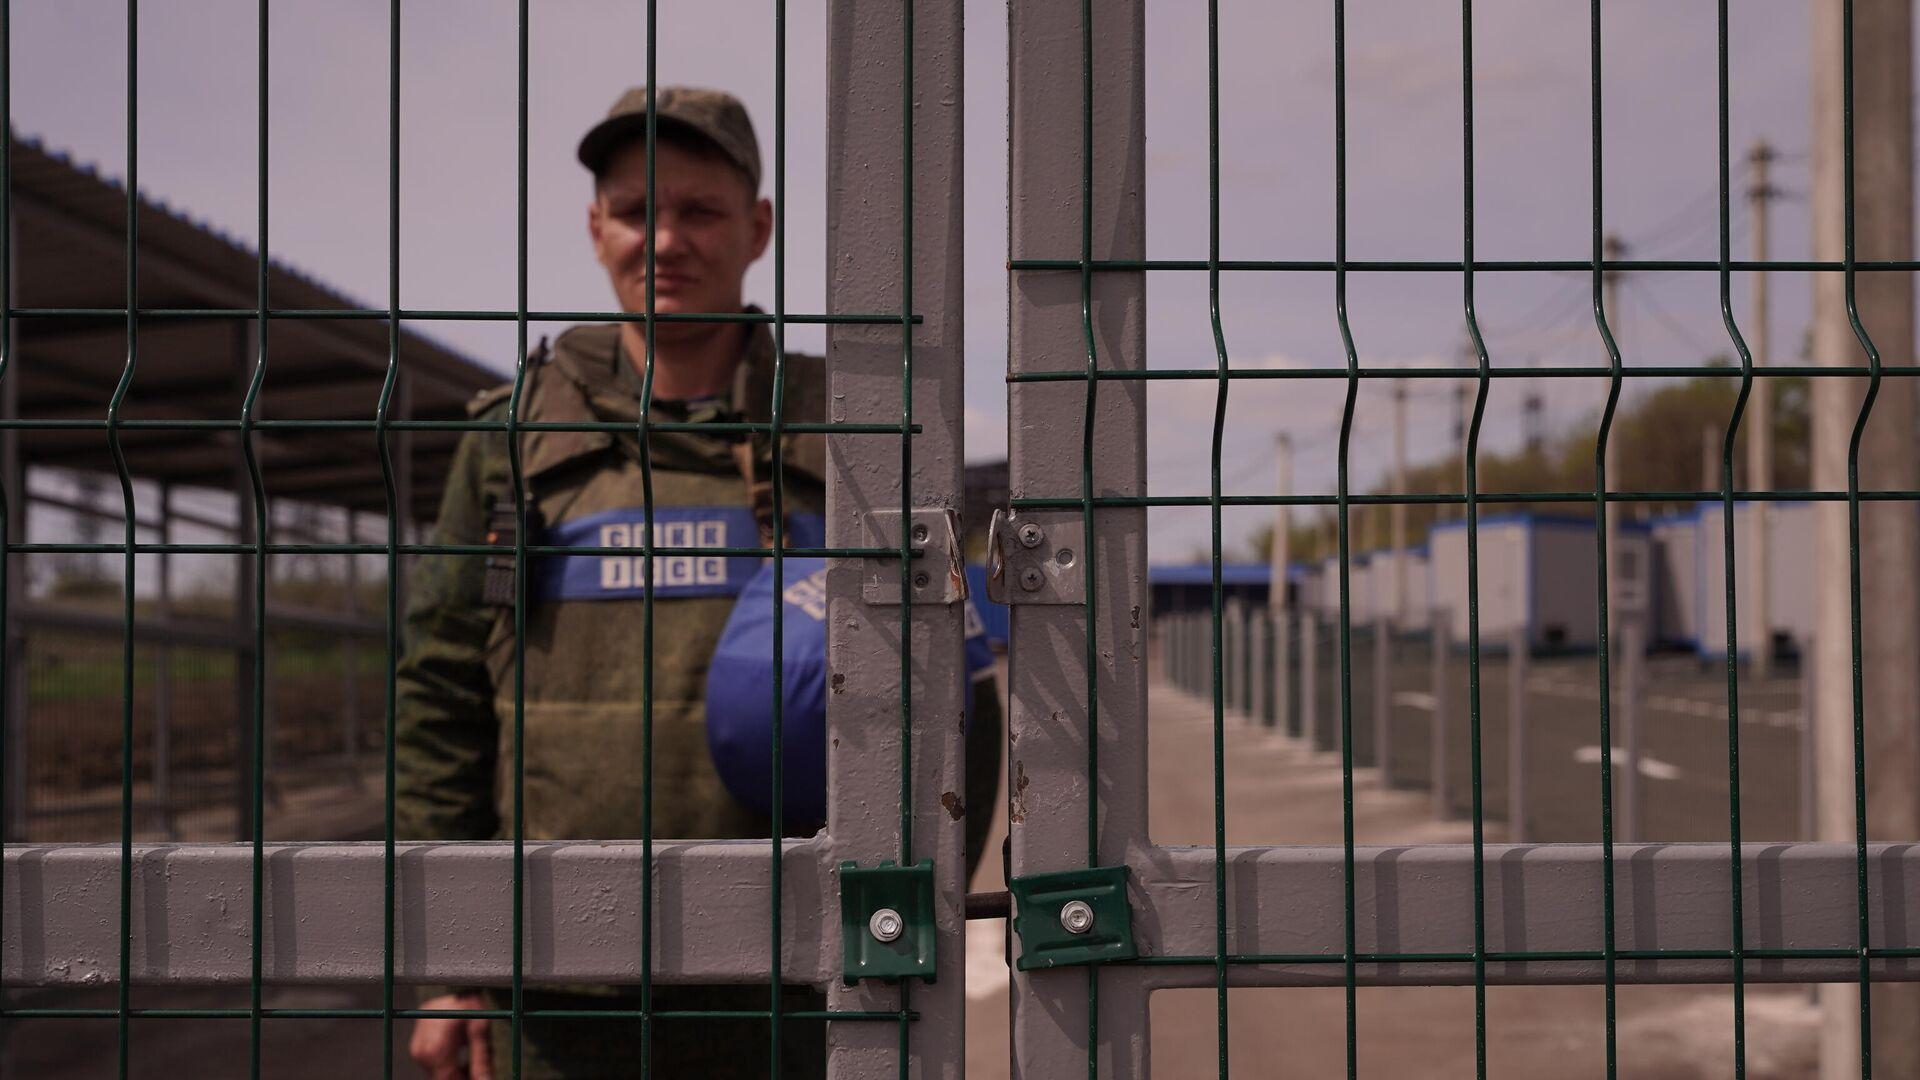 Ворота КПВВ Золотое в ЛНР в районе линии боевого соприкосновения  - РИА Новости, 1920, 13.05.2021